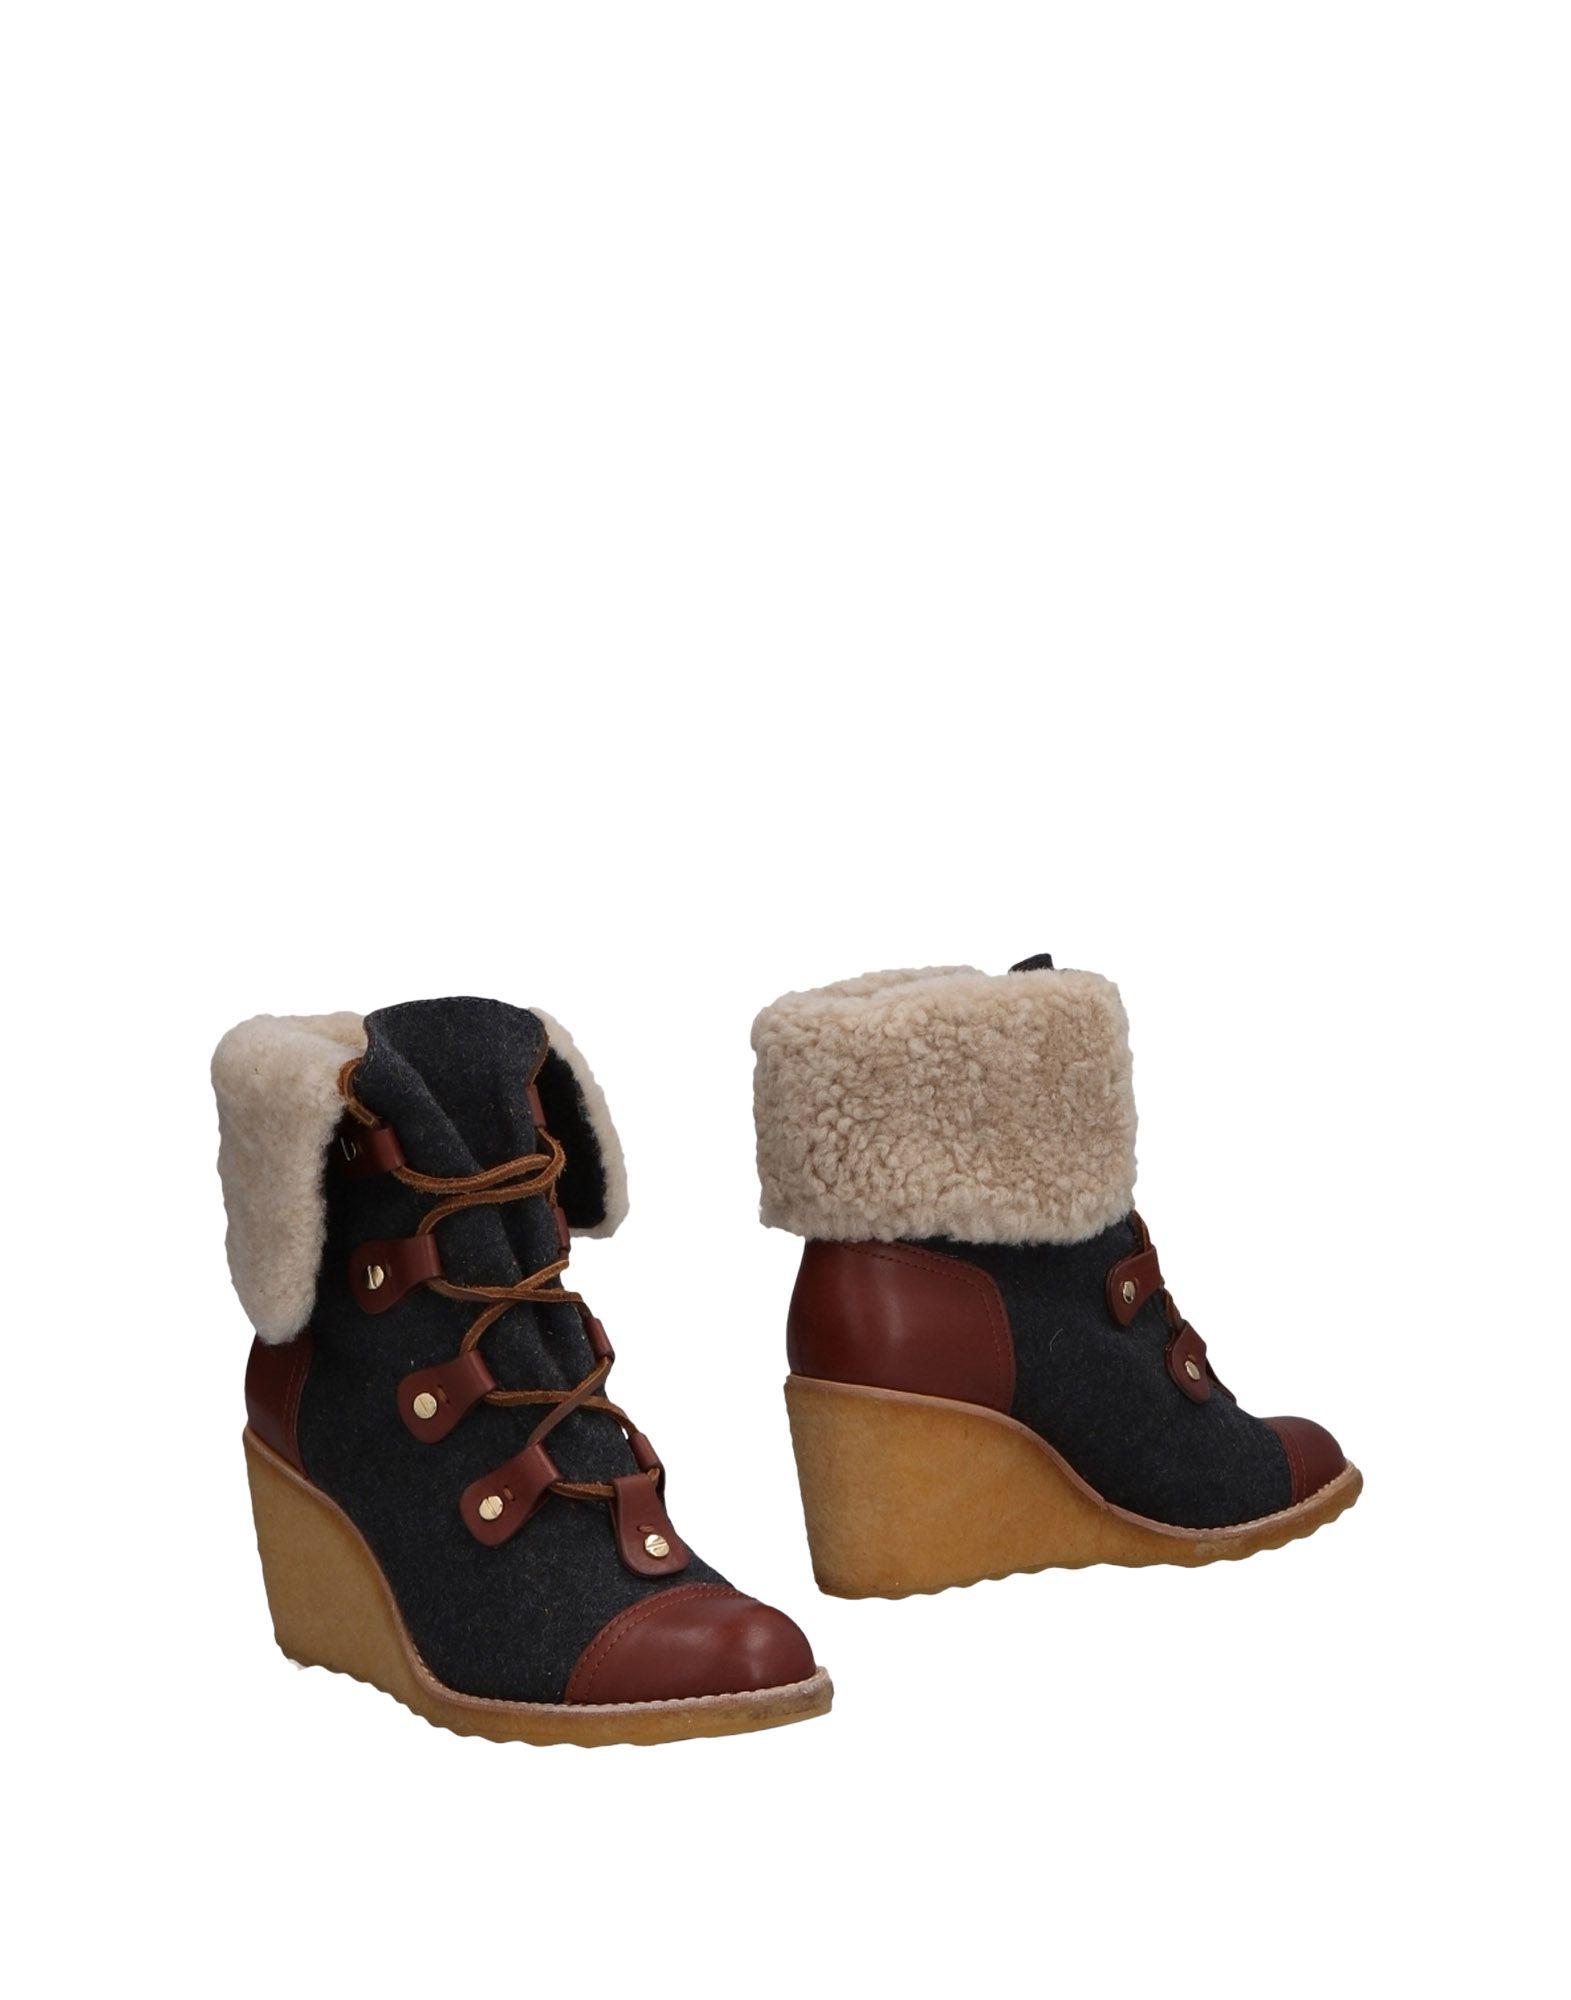 Tory Burch Stiefelette Damen  11475542FHGut aussehende strapazierfähige Schuhe